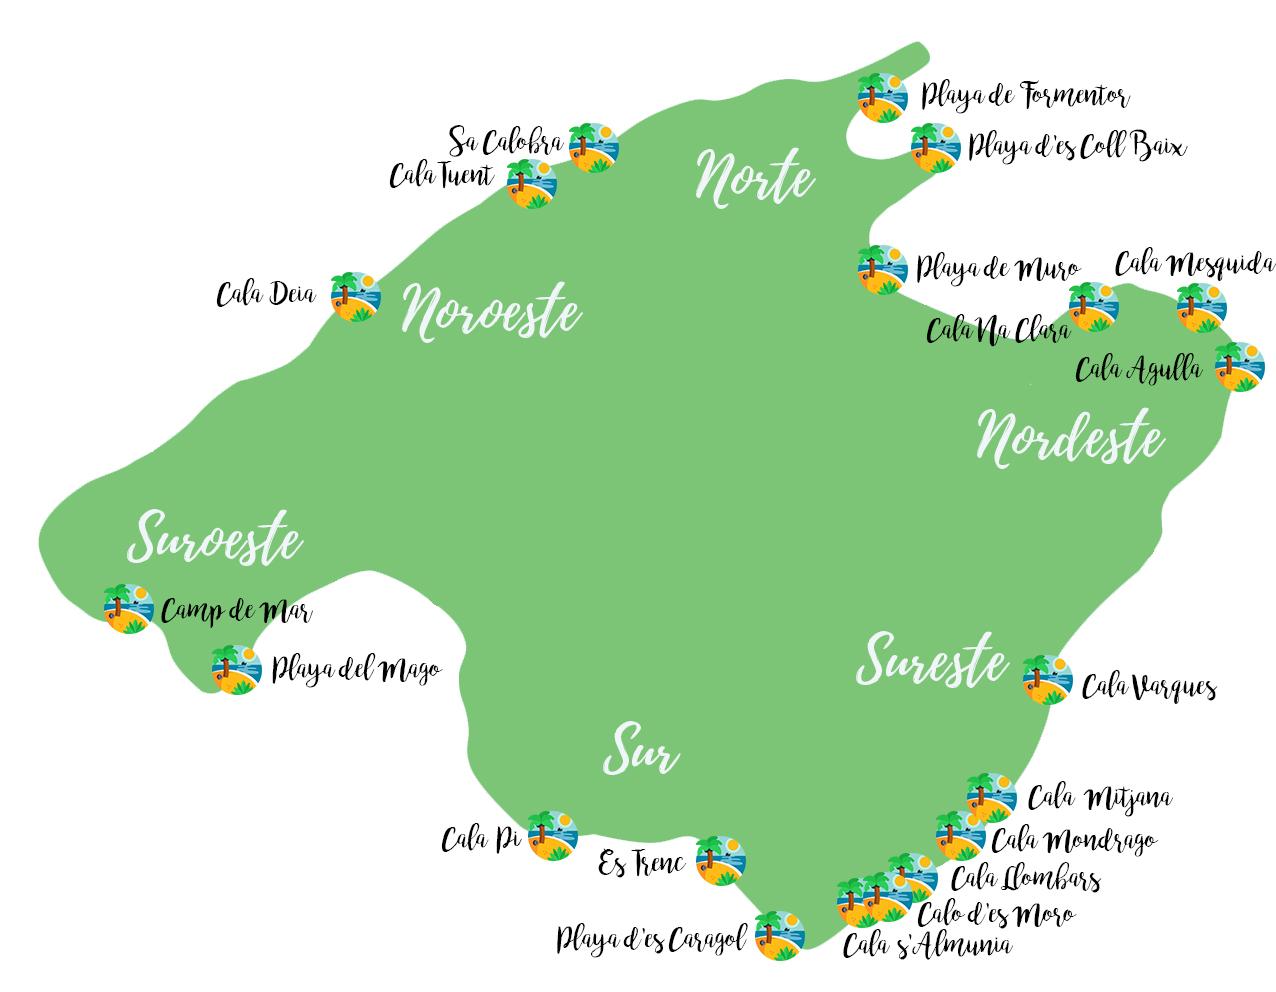 Mapa con la ubicación de las 20 mejores playas y calas de Mallorca